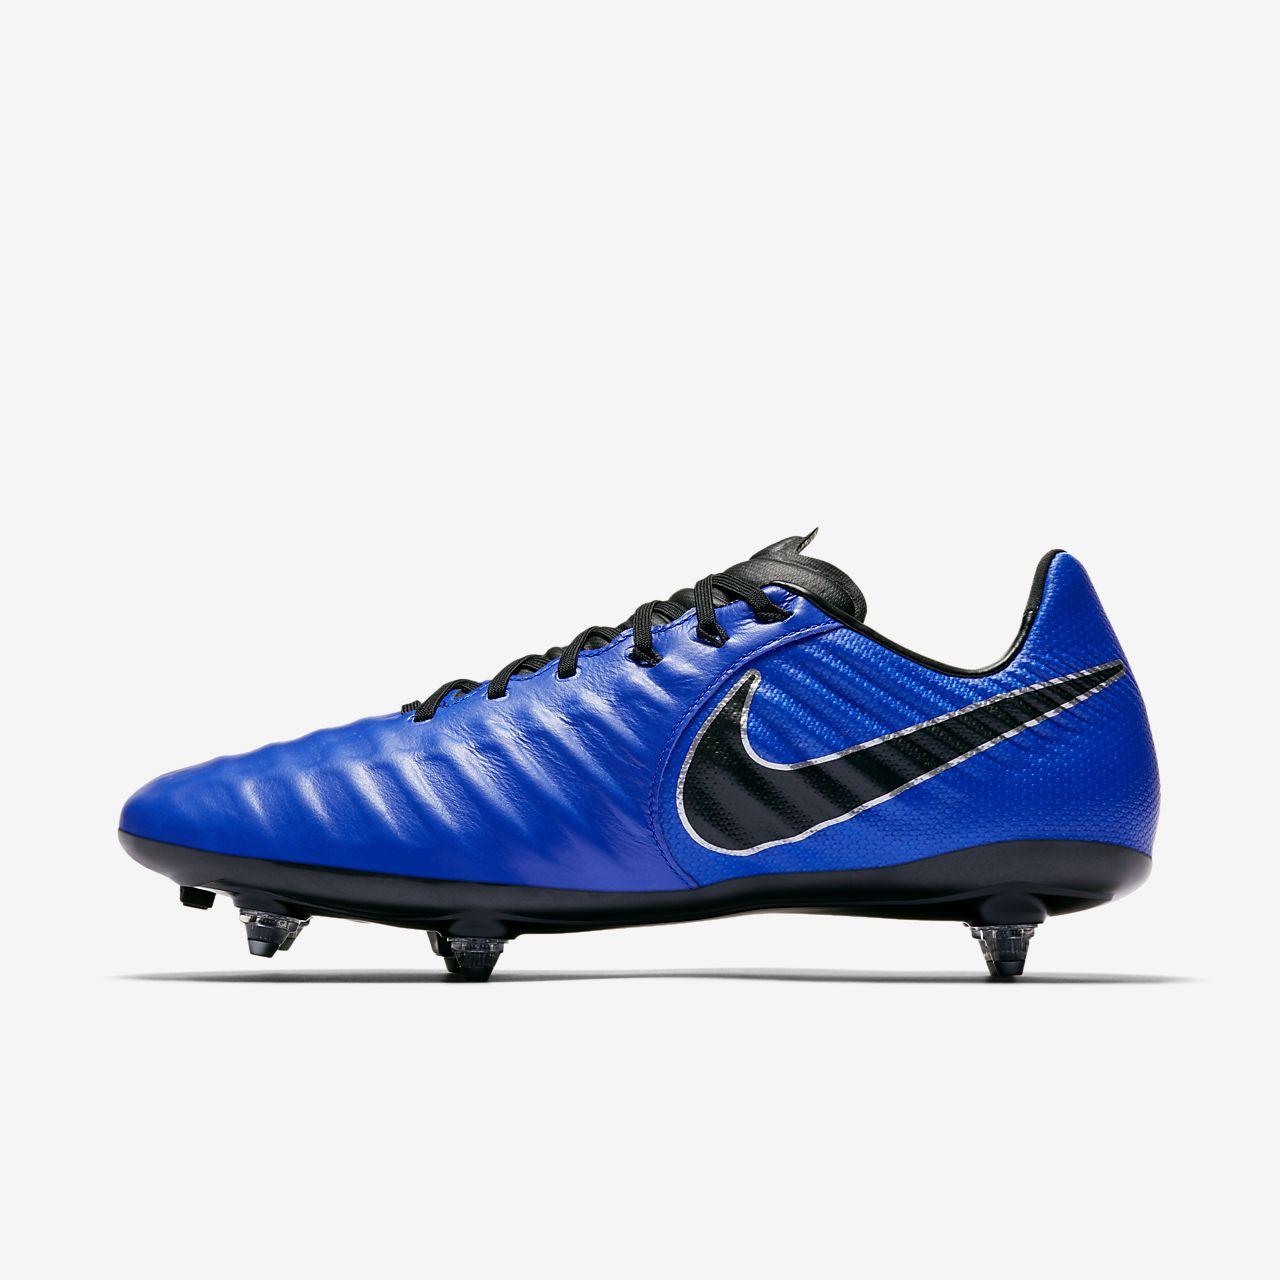 new product 3e13a 5ad3e ... Calzado de fútbol para terreno blando Nike Tiempo Legend VII Pro